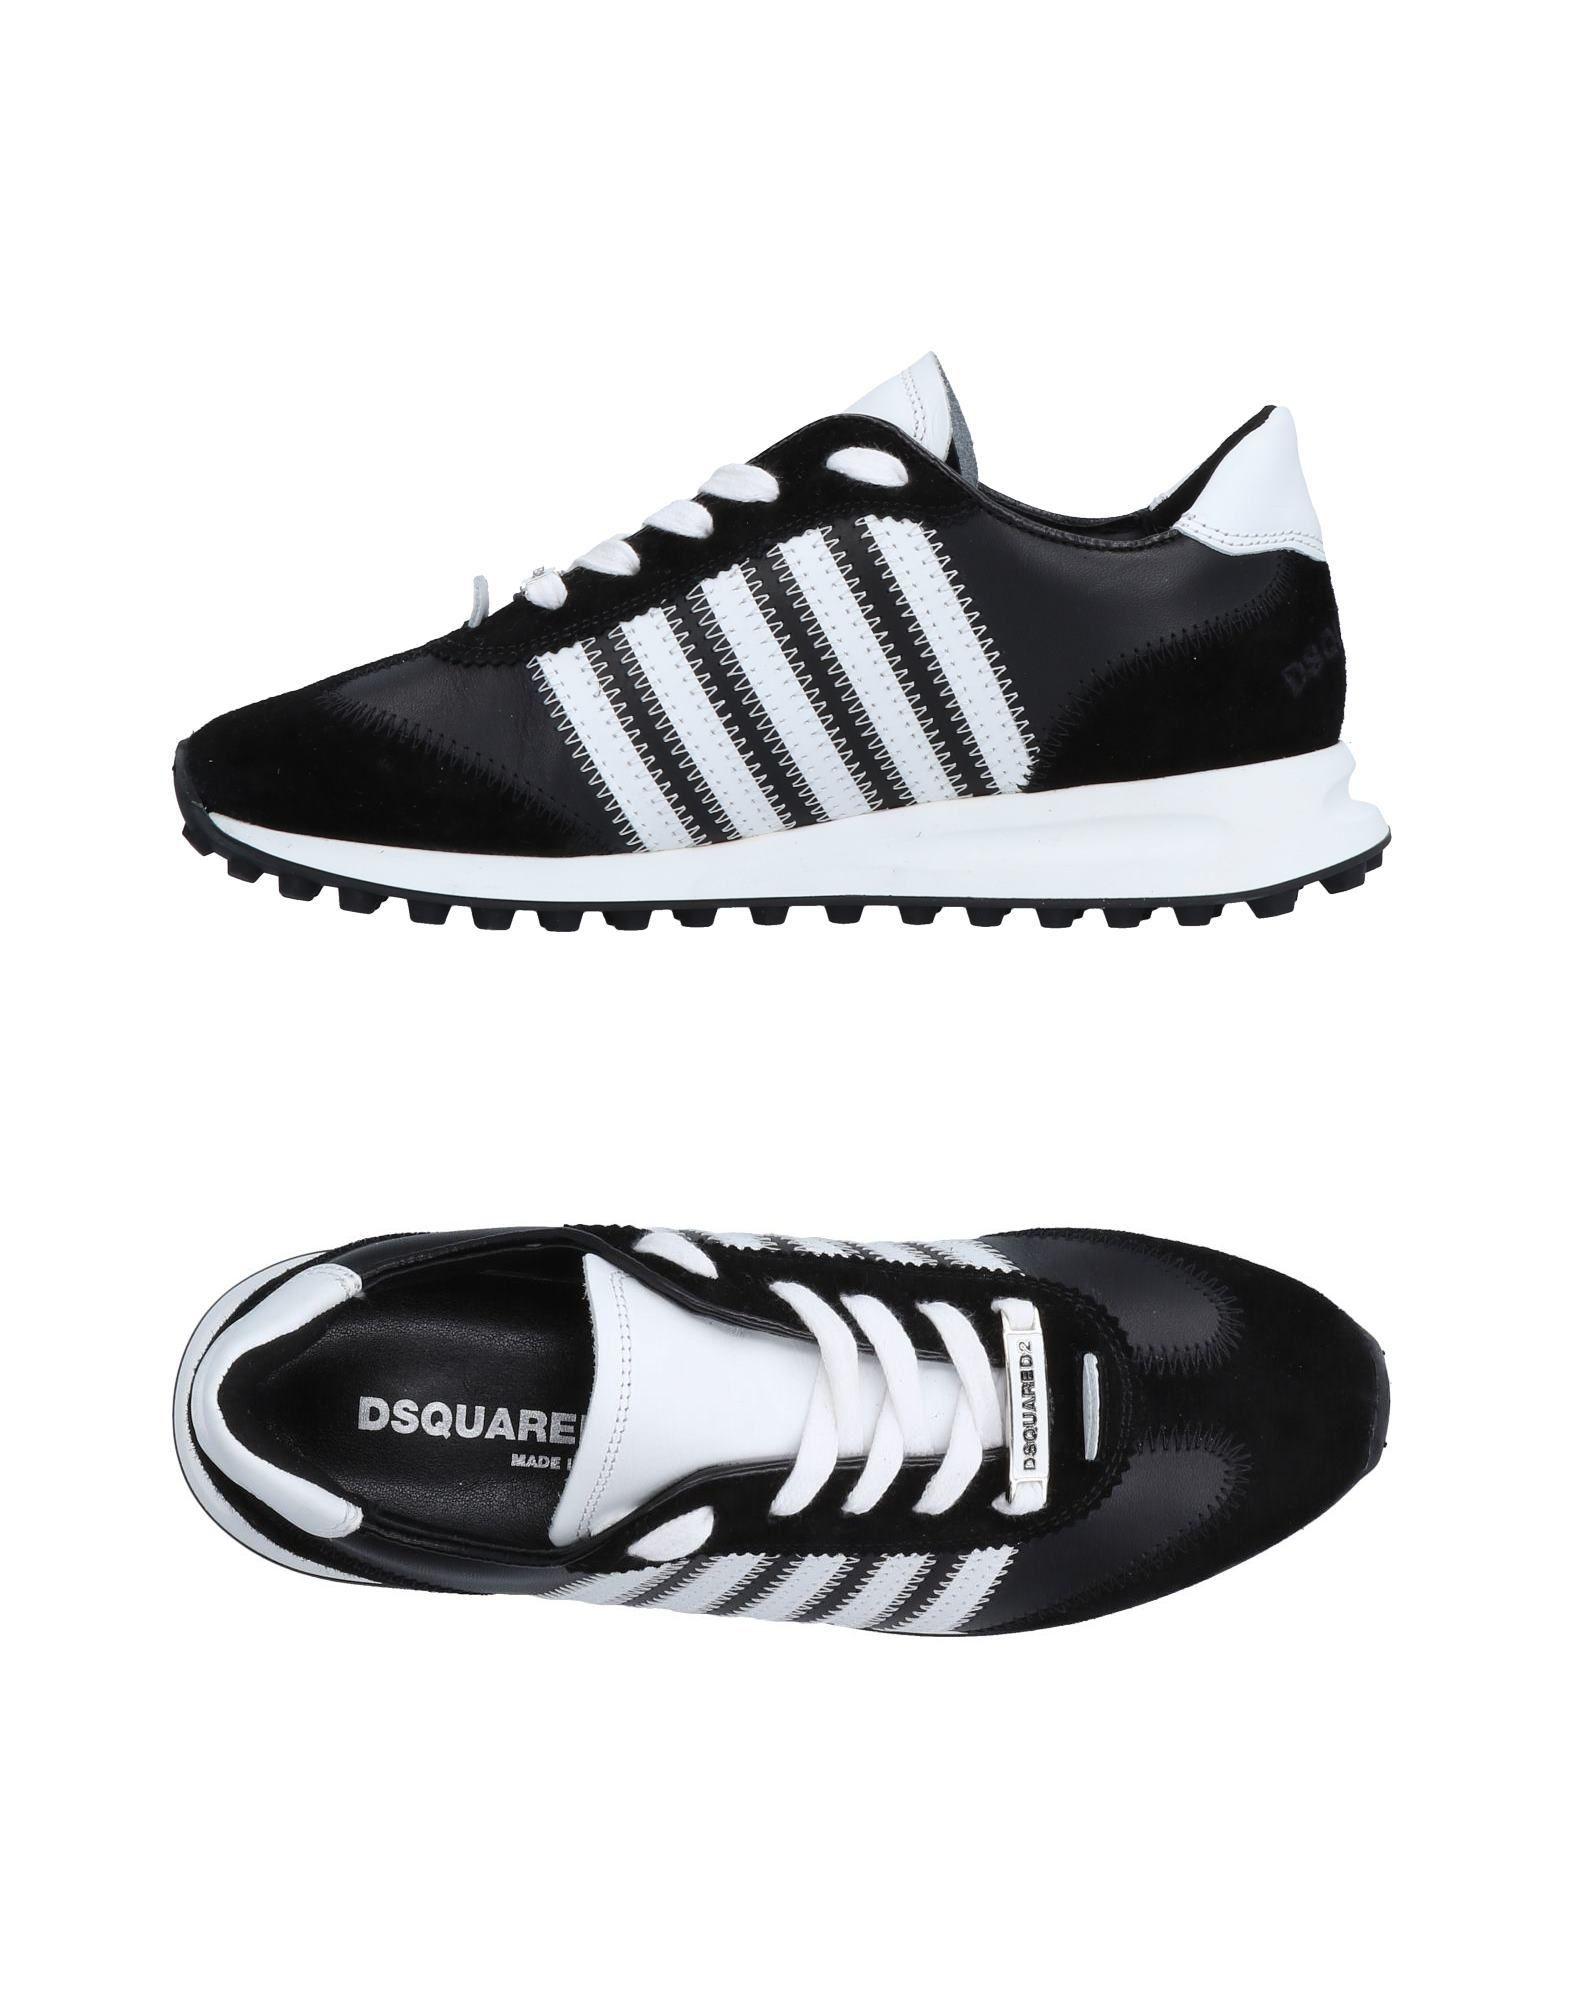 Rabatt  Schuhe Dsquared2 Sneakers Damen  Rabatt 11517077OG 1c5745